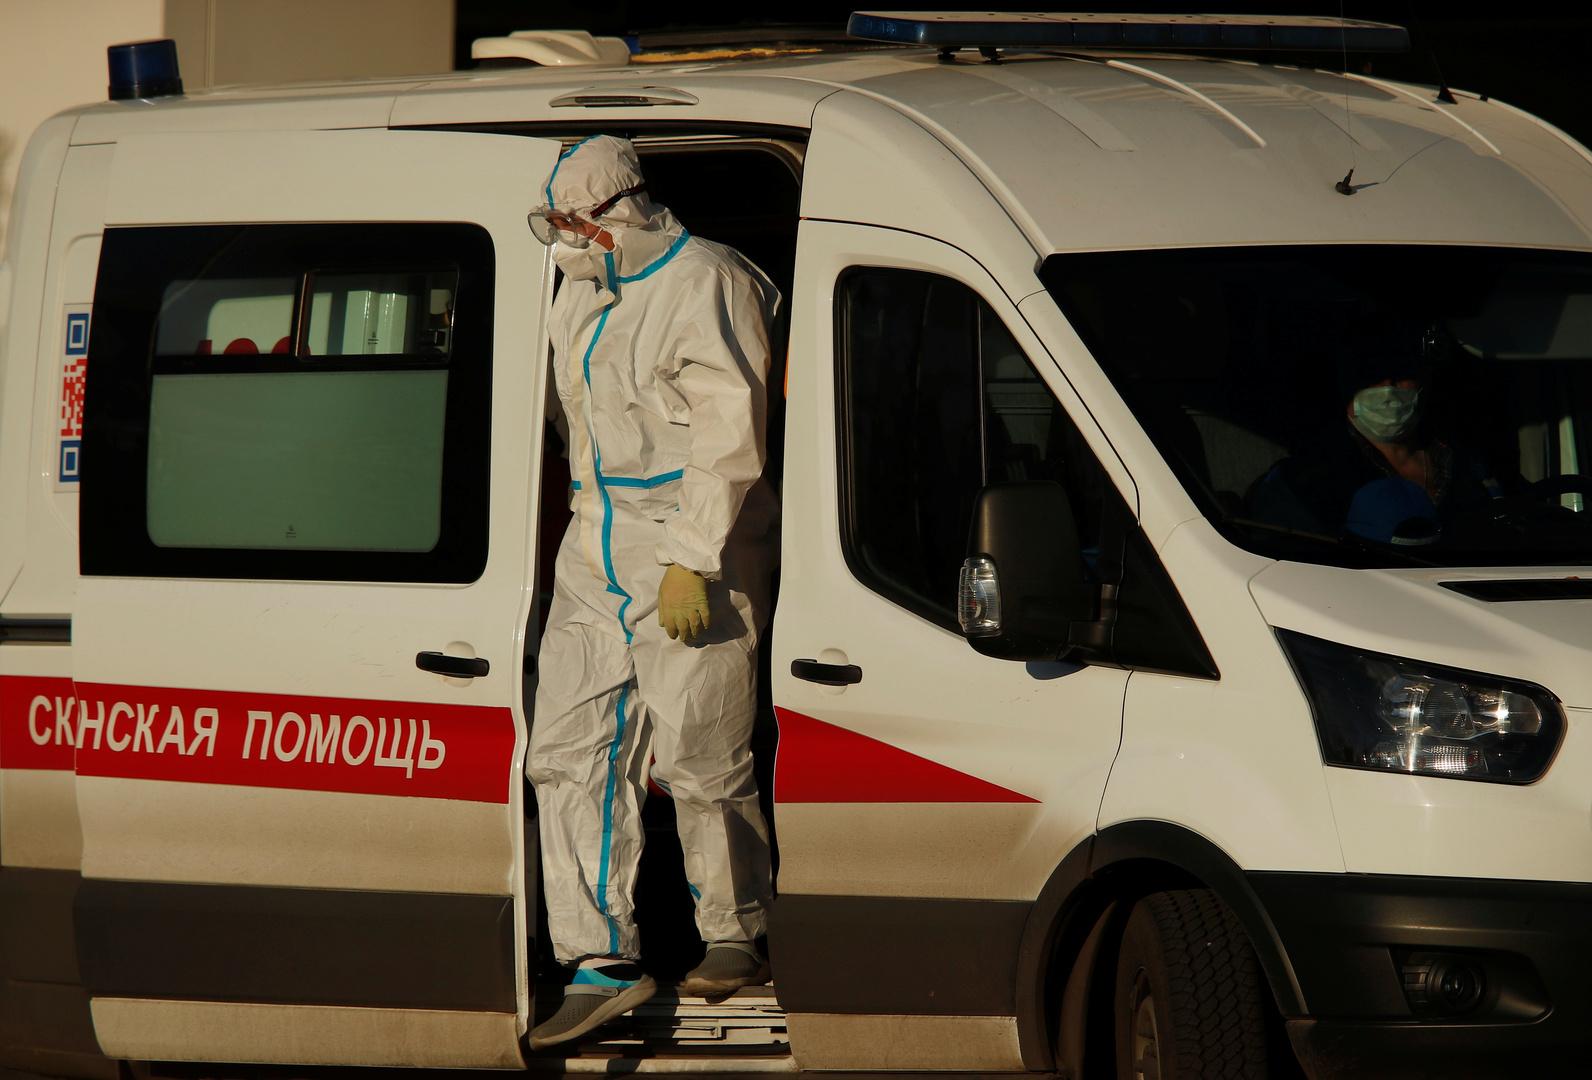 روسيا تسجل 470 وفاة و23309 إصابات جديدة بفيروس كورونا خلال الـ24 ساعة الماضية